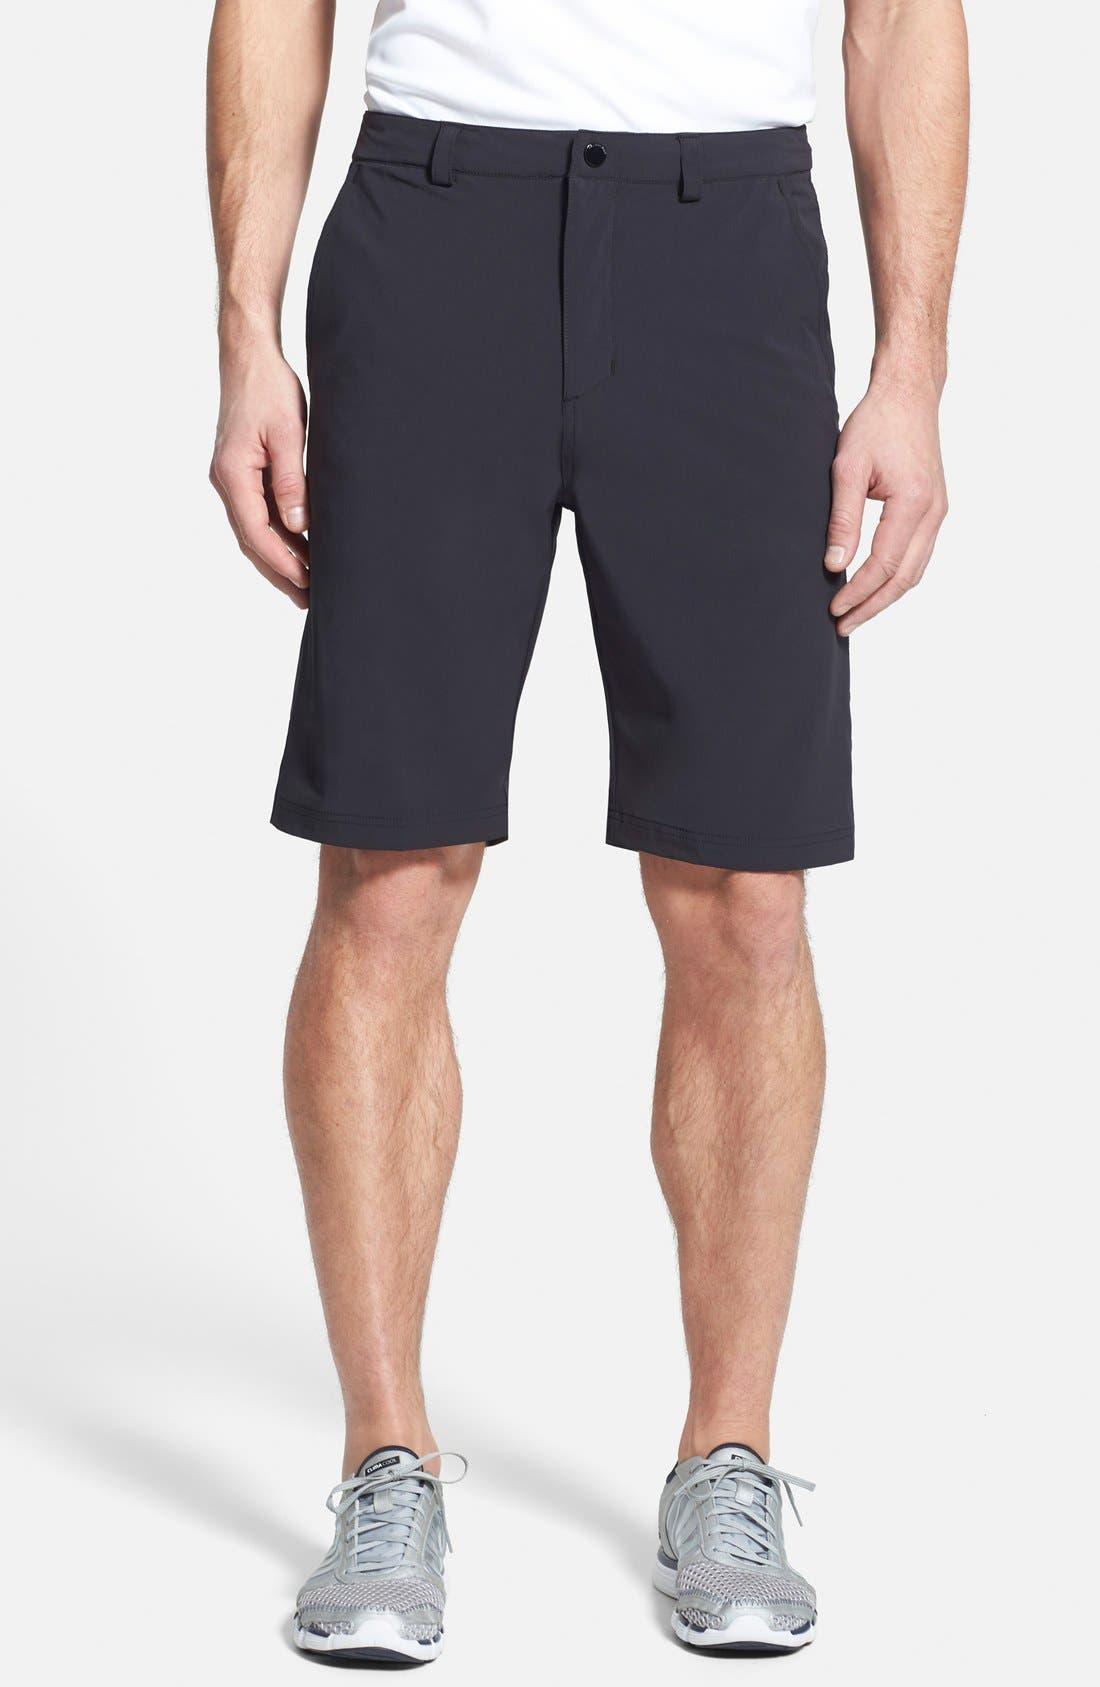 'HP QD Classic' Quick Dry Shorts,                         Main,                         color, 001